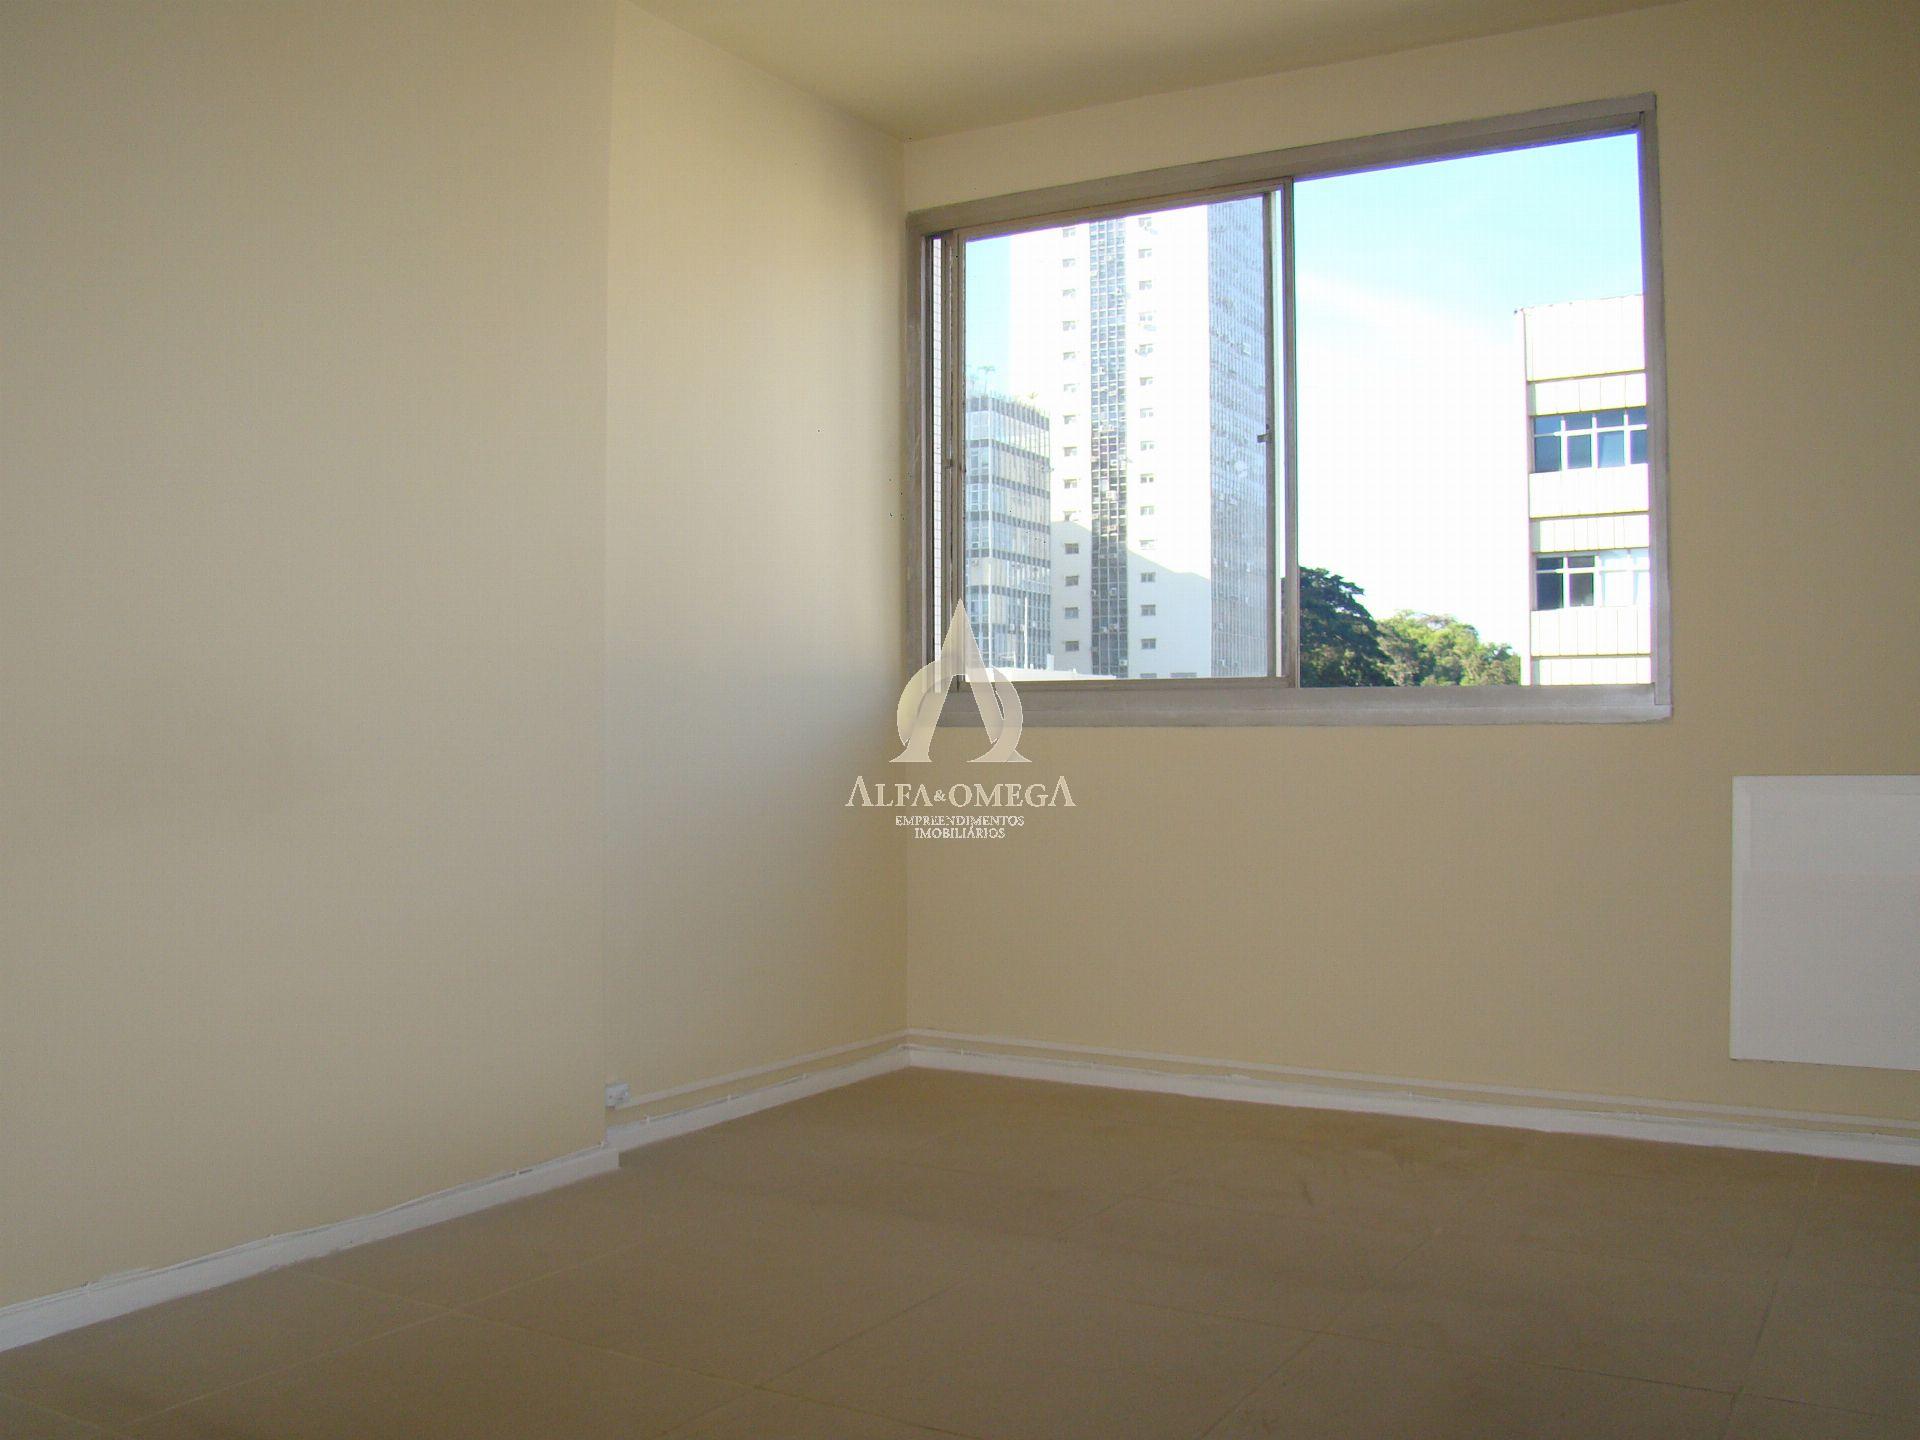 FOTO 11 - Apartamento Botafogo,Rio de Janeiro,RJ À Venda,1 Quarto,60m² - AO10227 - 11